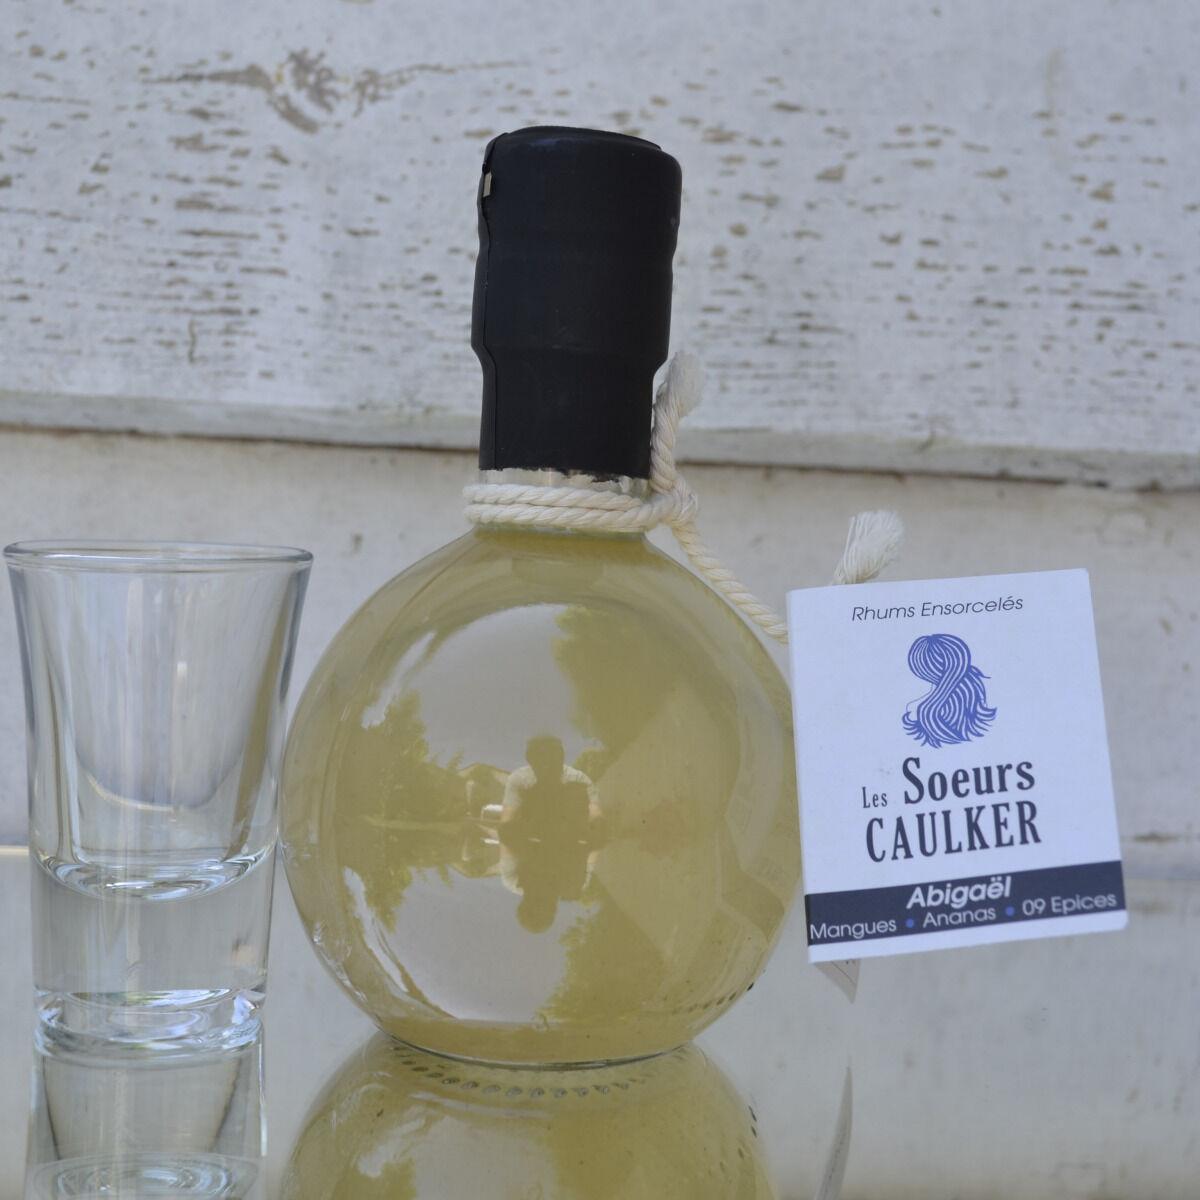 Les Soeurs Caulker - Rhums ensorcelés Abigaël (mangues, Ananas, 09 épices)